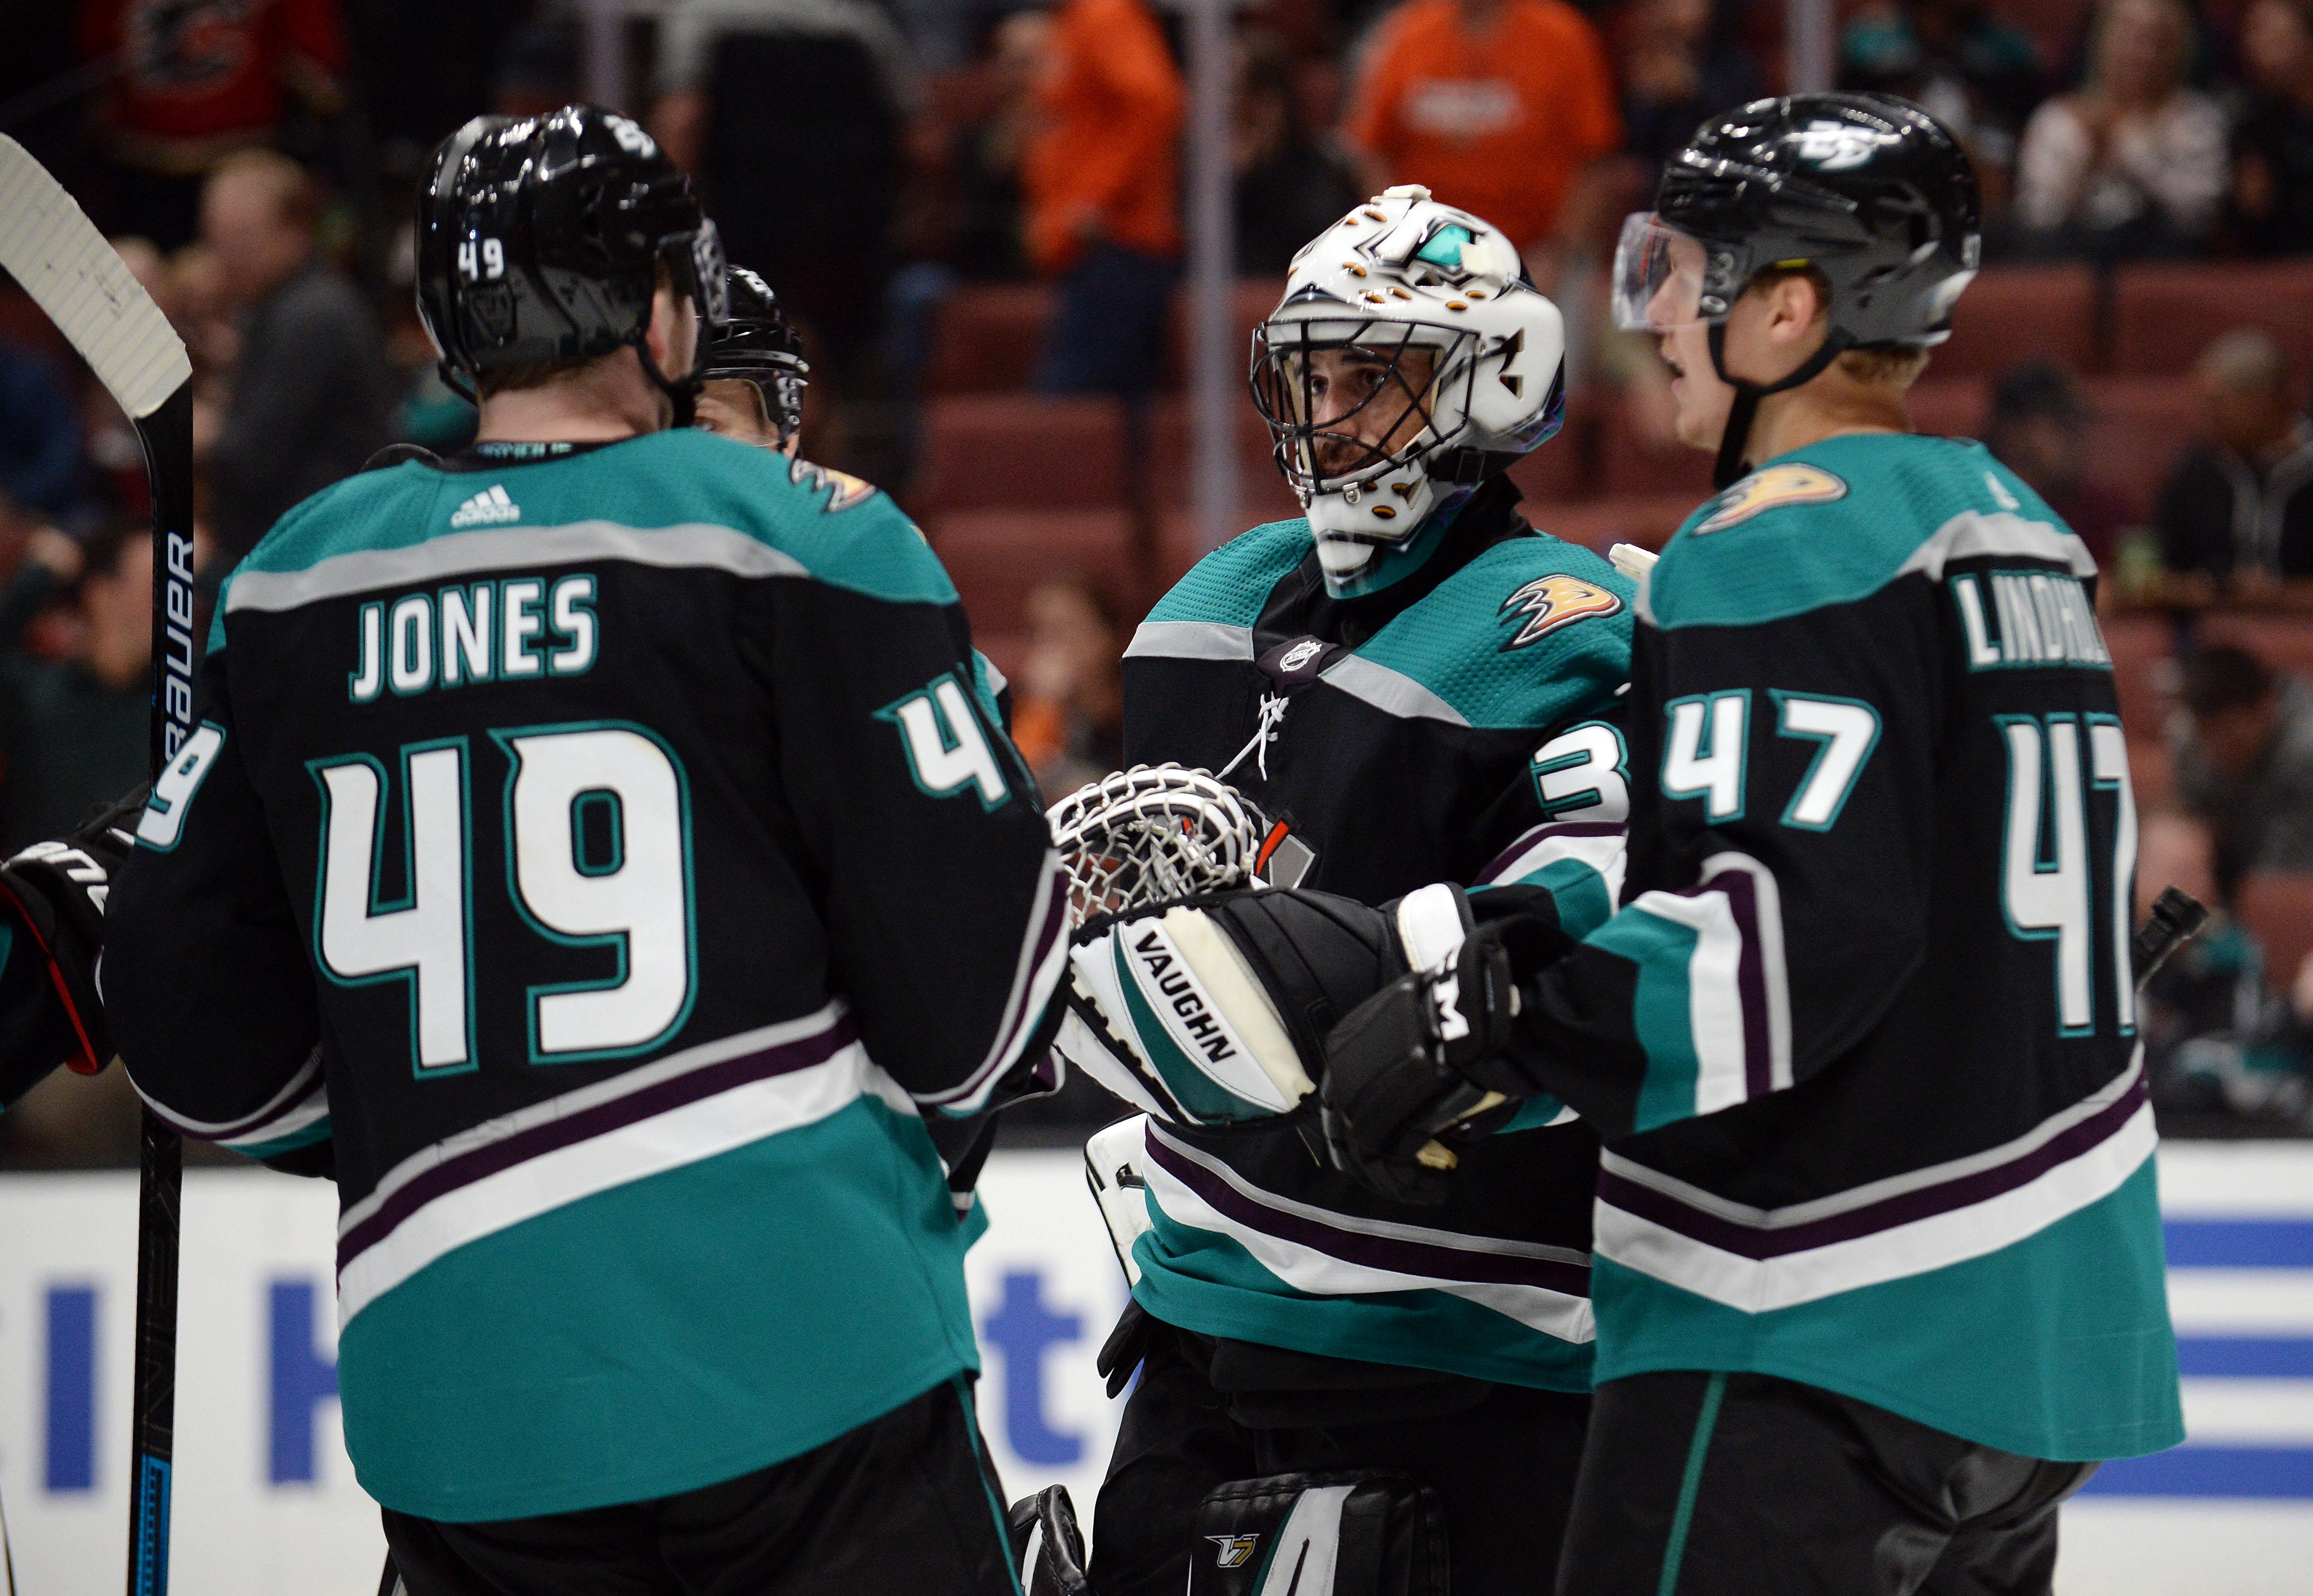 NHL: Calgary Flames at Anaheim Ducks